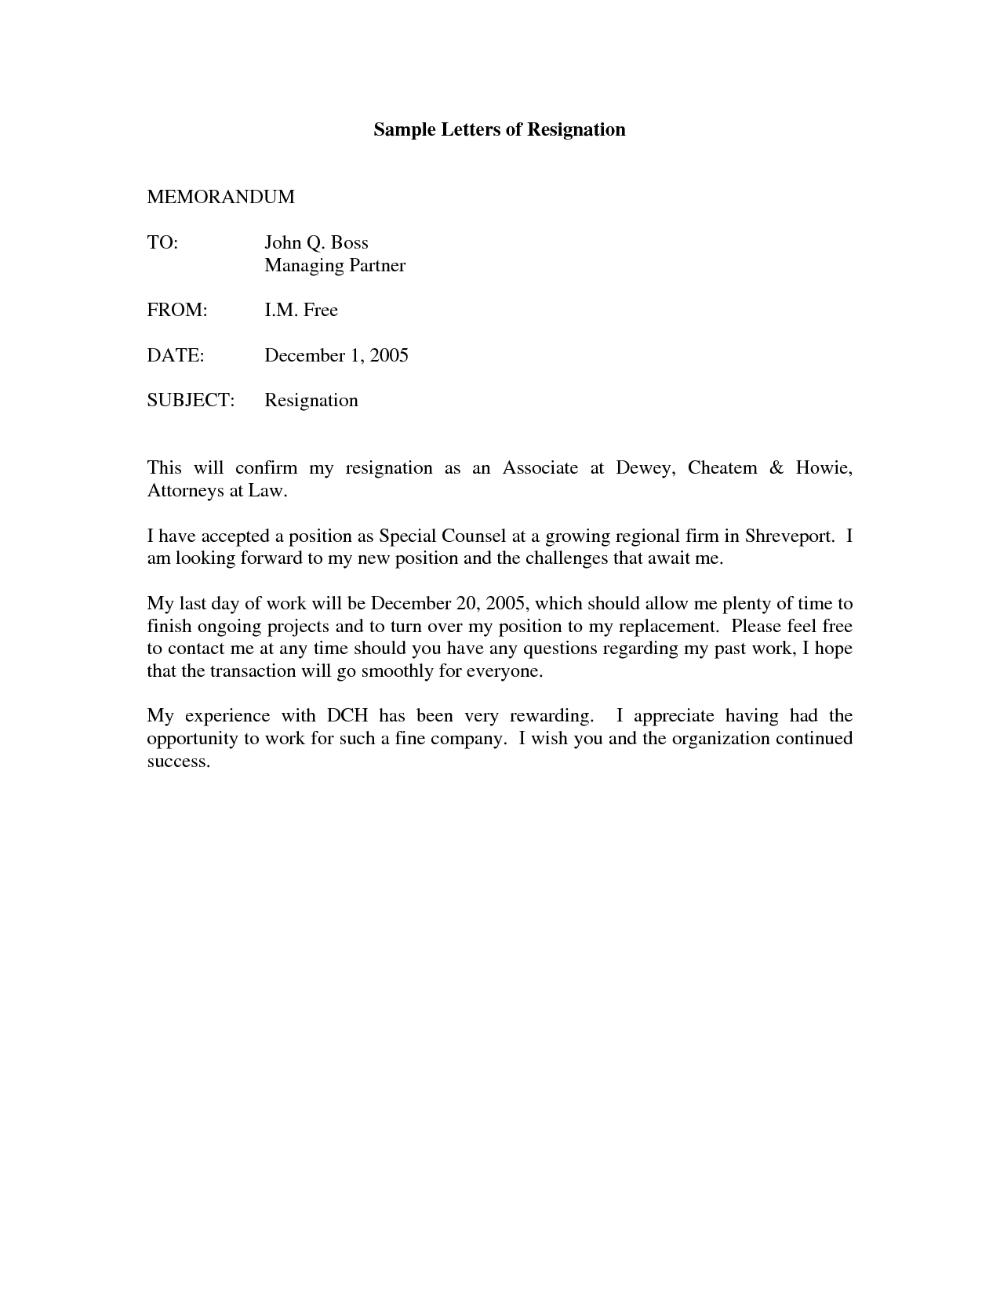 Druckbare Muster Kundigungsschreiben Formular Laywers Vorlage Formulare Im Entwurf Kundigung Schreiben Kundigung Vorlagen